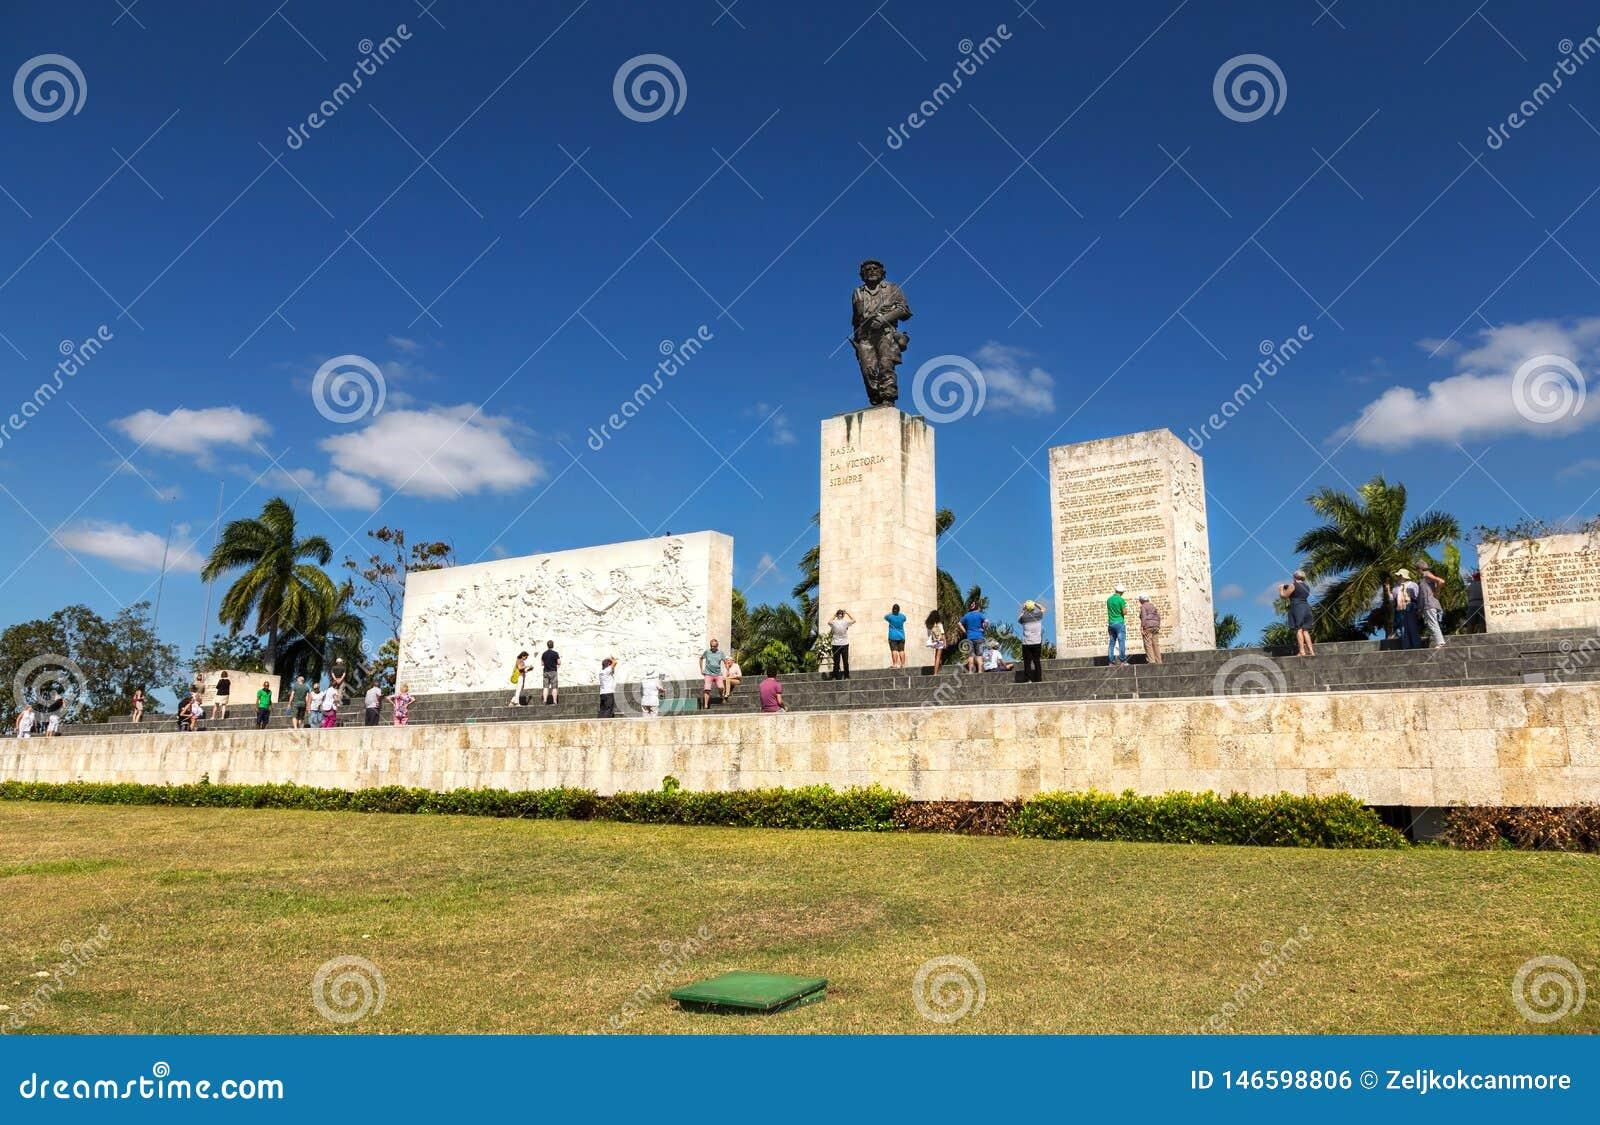 Santa Clara Ernesto Che Guevara mauzoleumu turysty Pamiątkowi goście